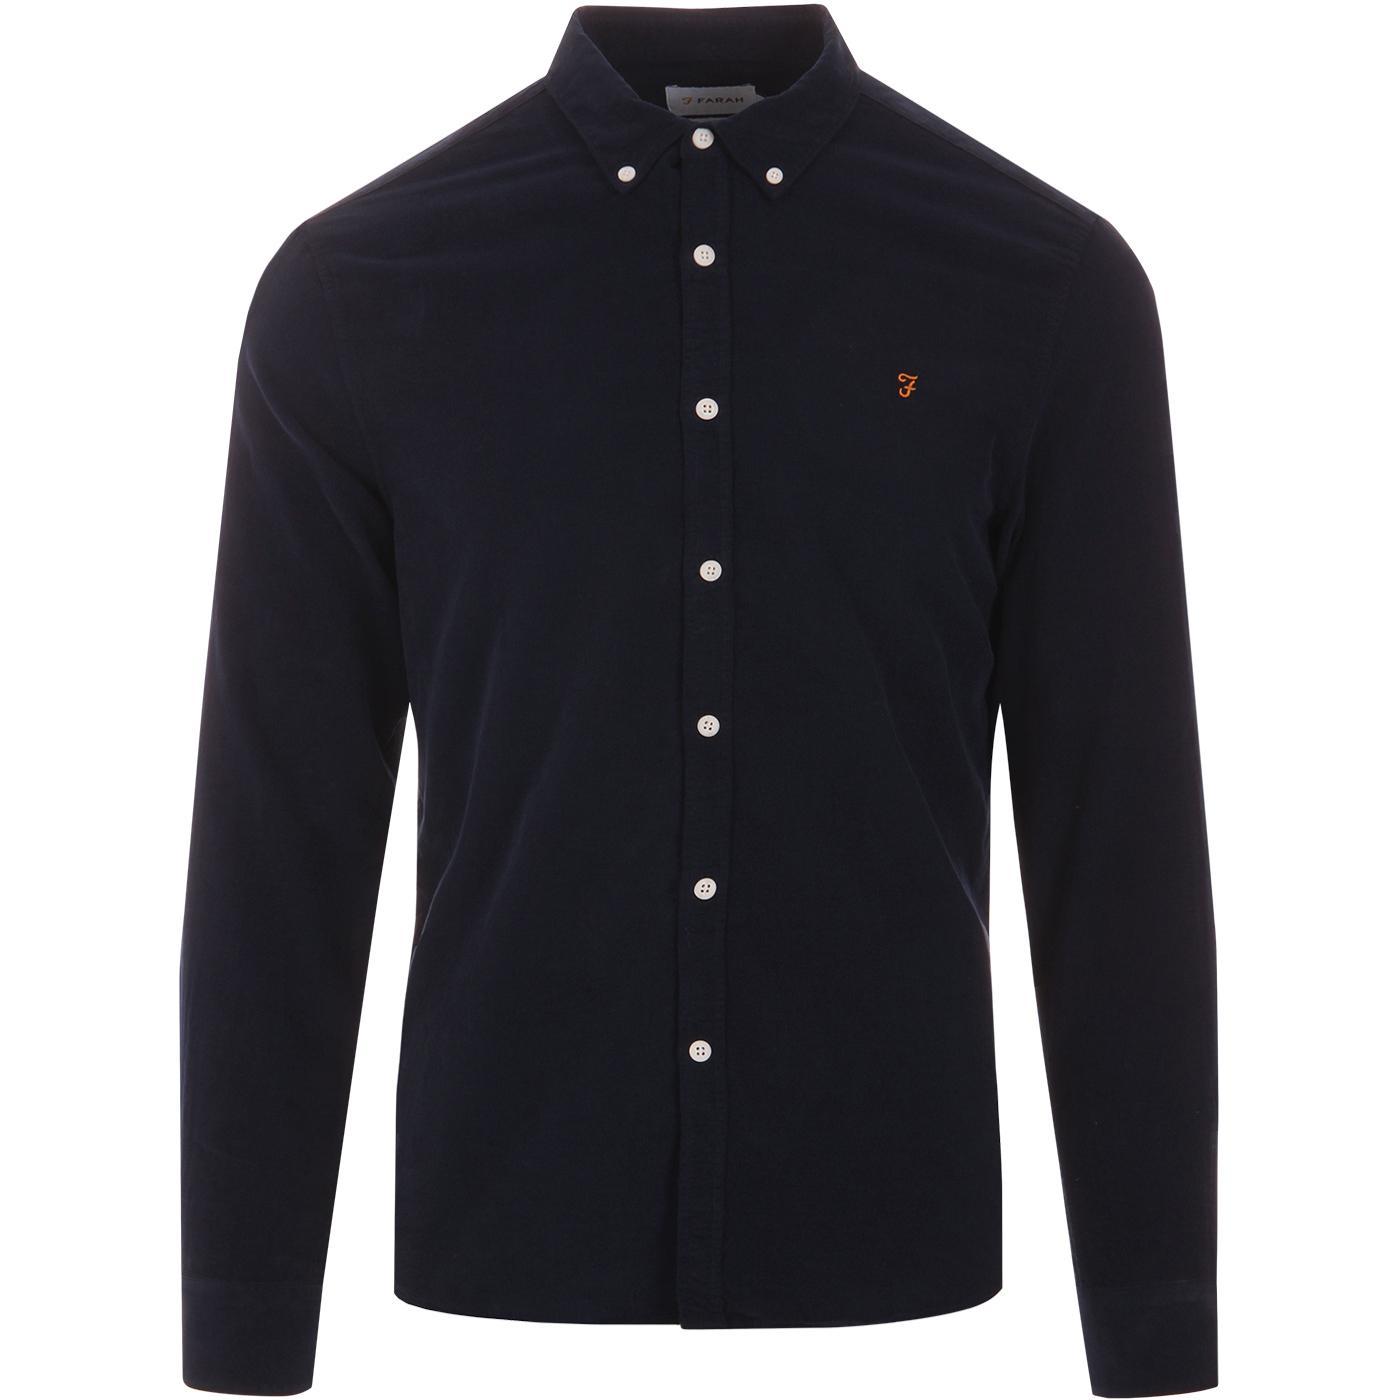 Fontella FARAH VINTAGE Mod Button Down Cord Shirt